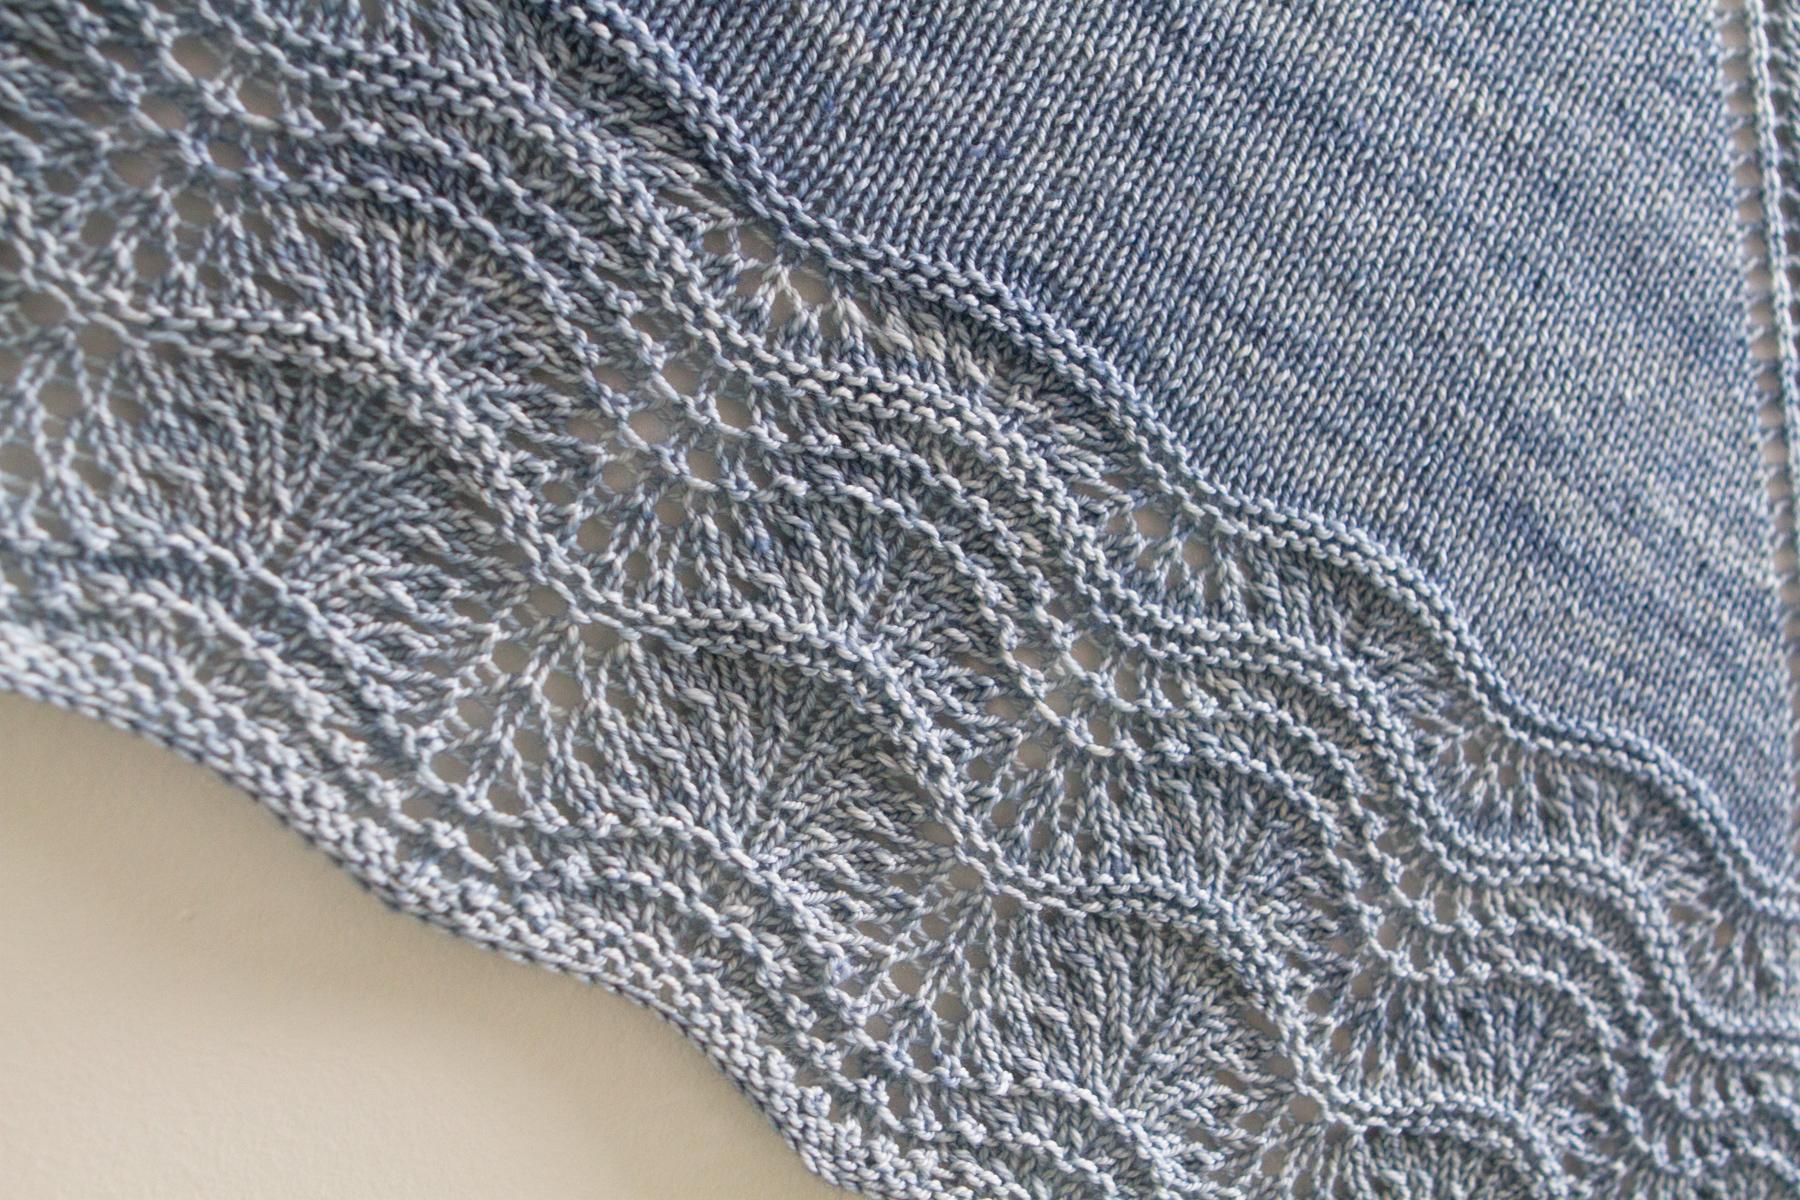 Lace pattern up close